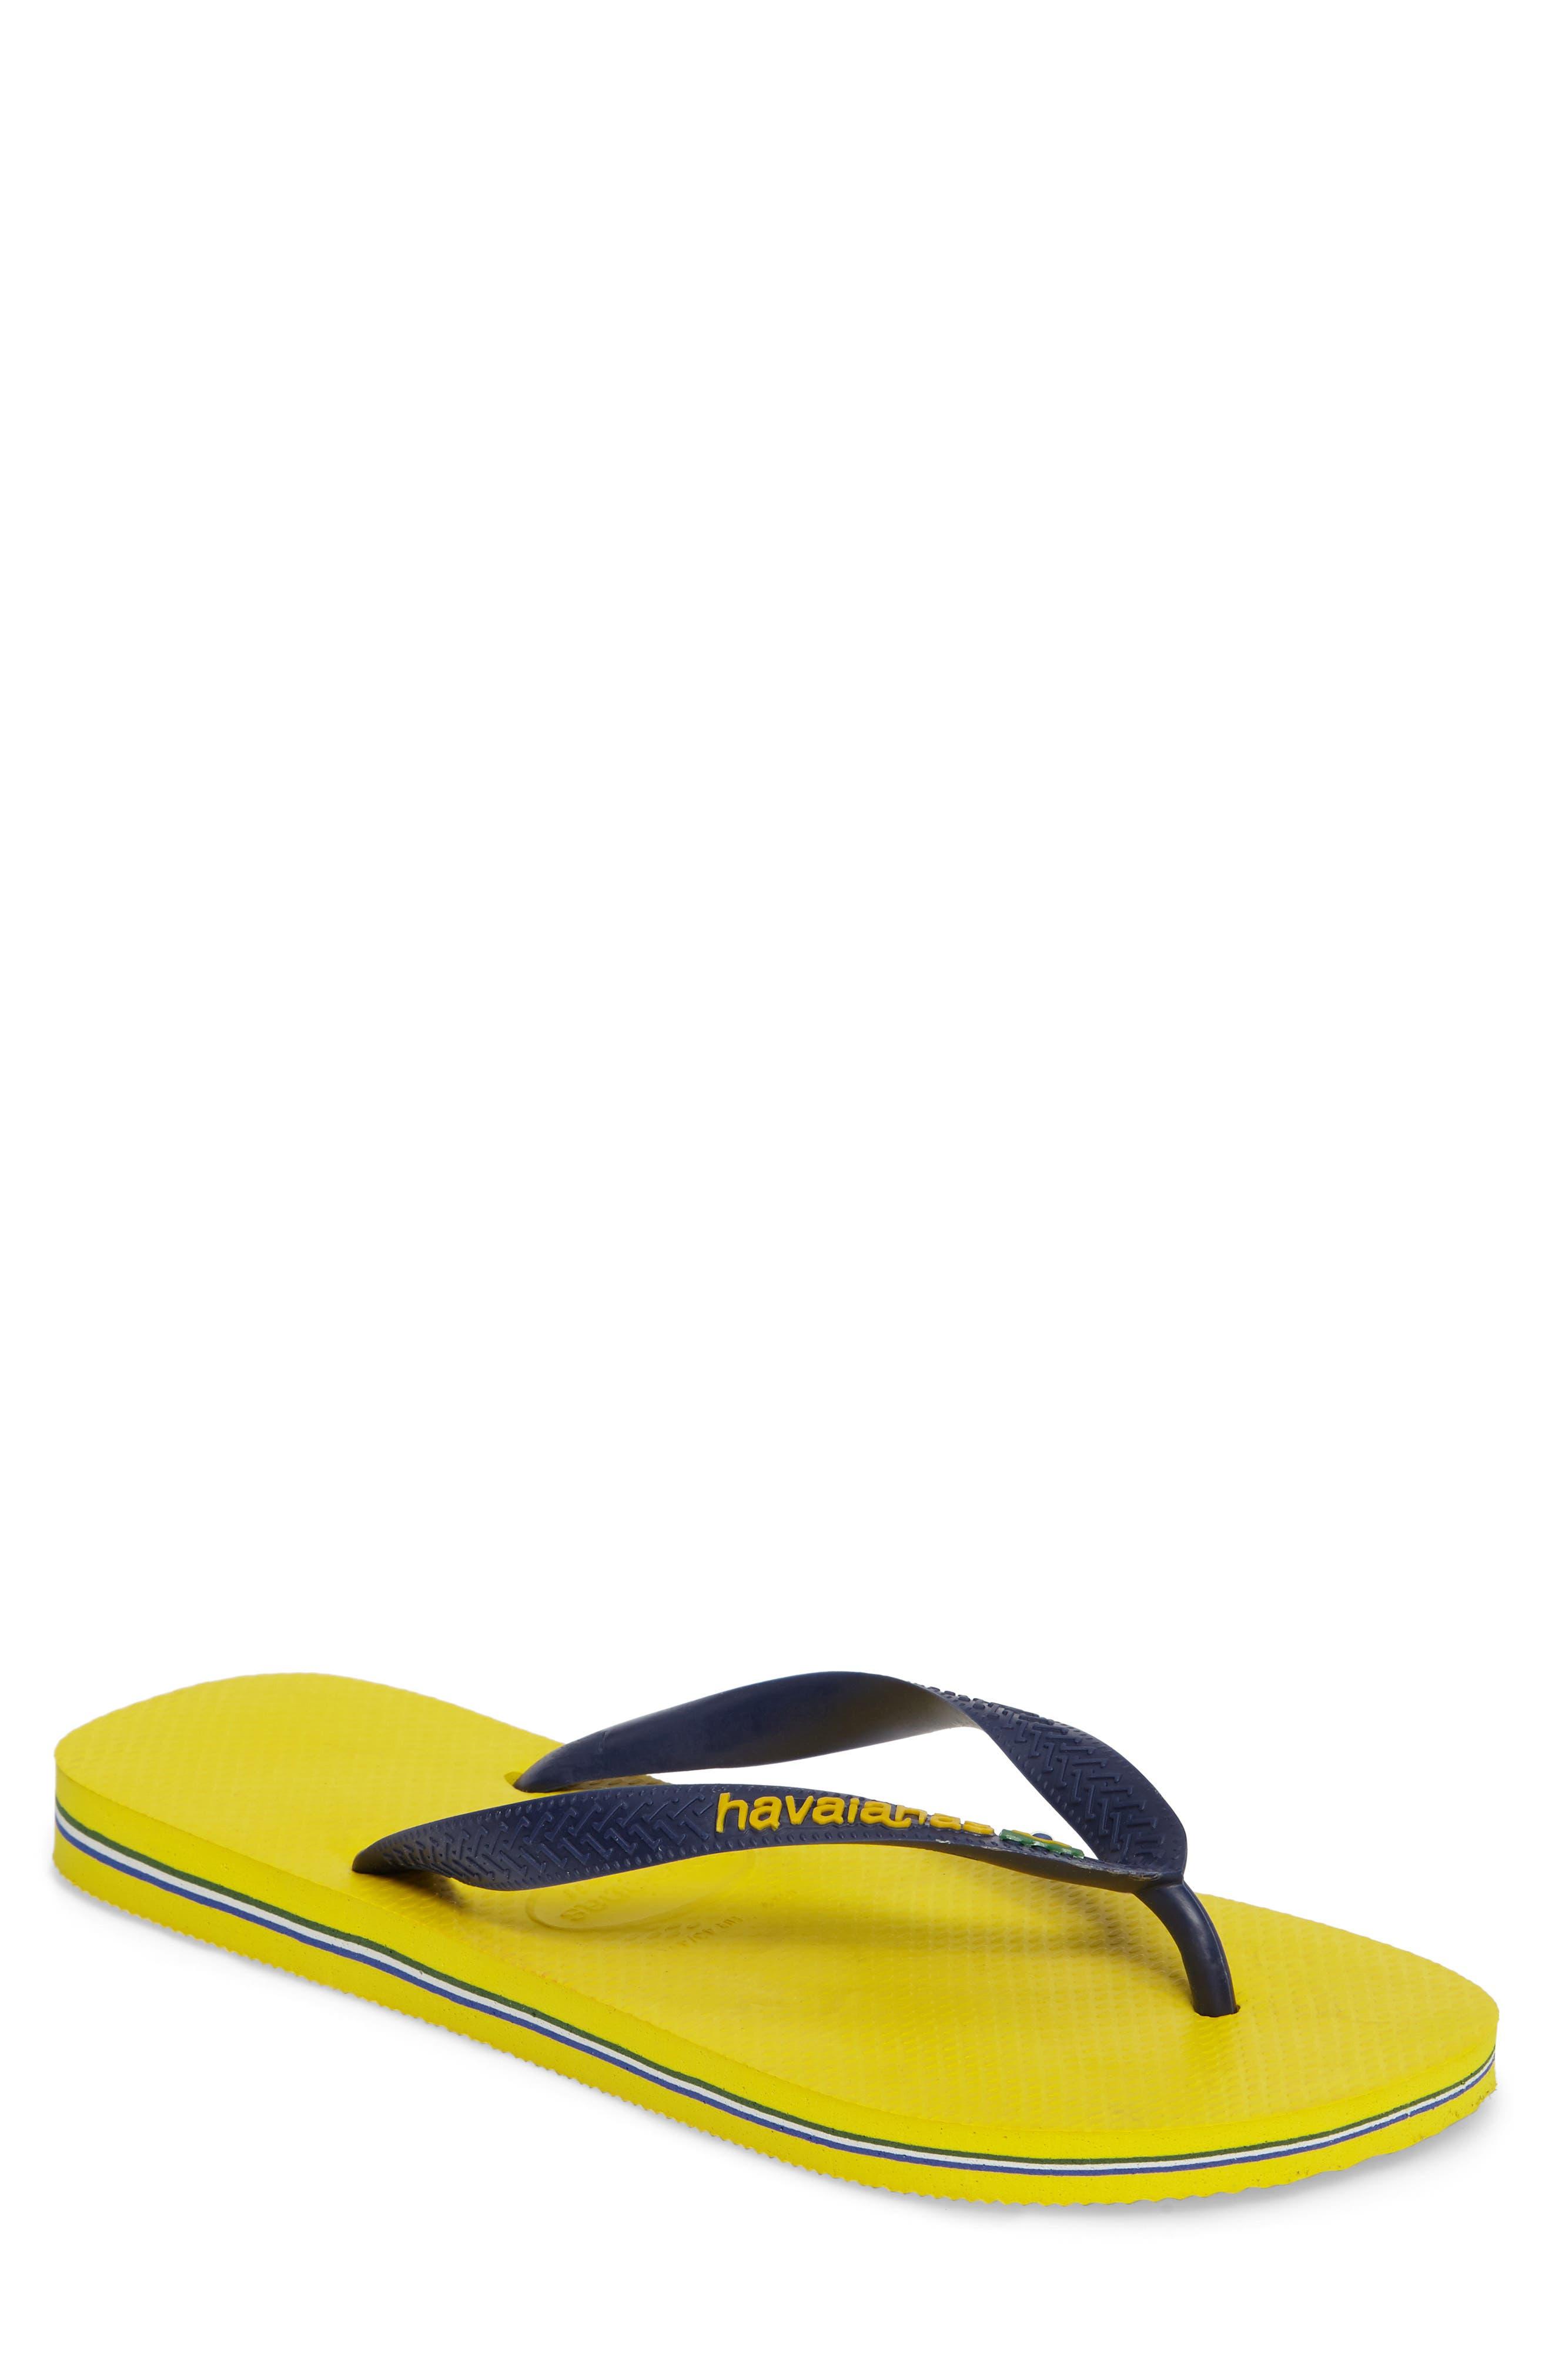 Main Image - Havaianas 'Brazil' Flip Flop (Men)